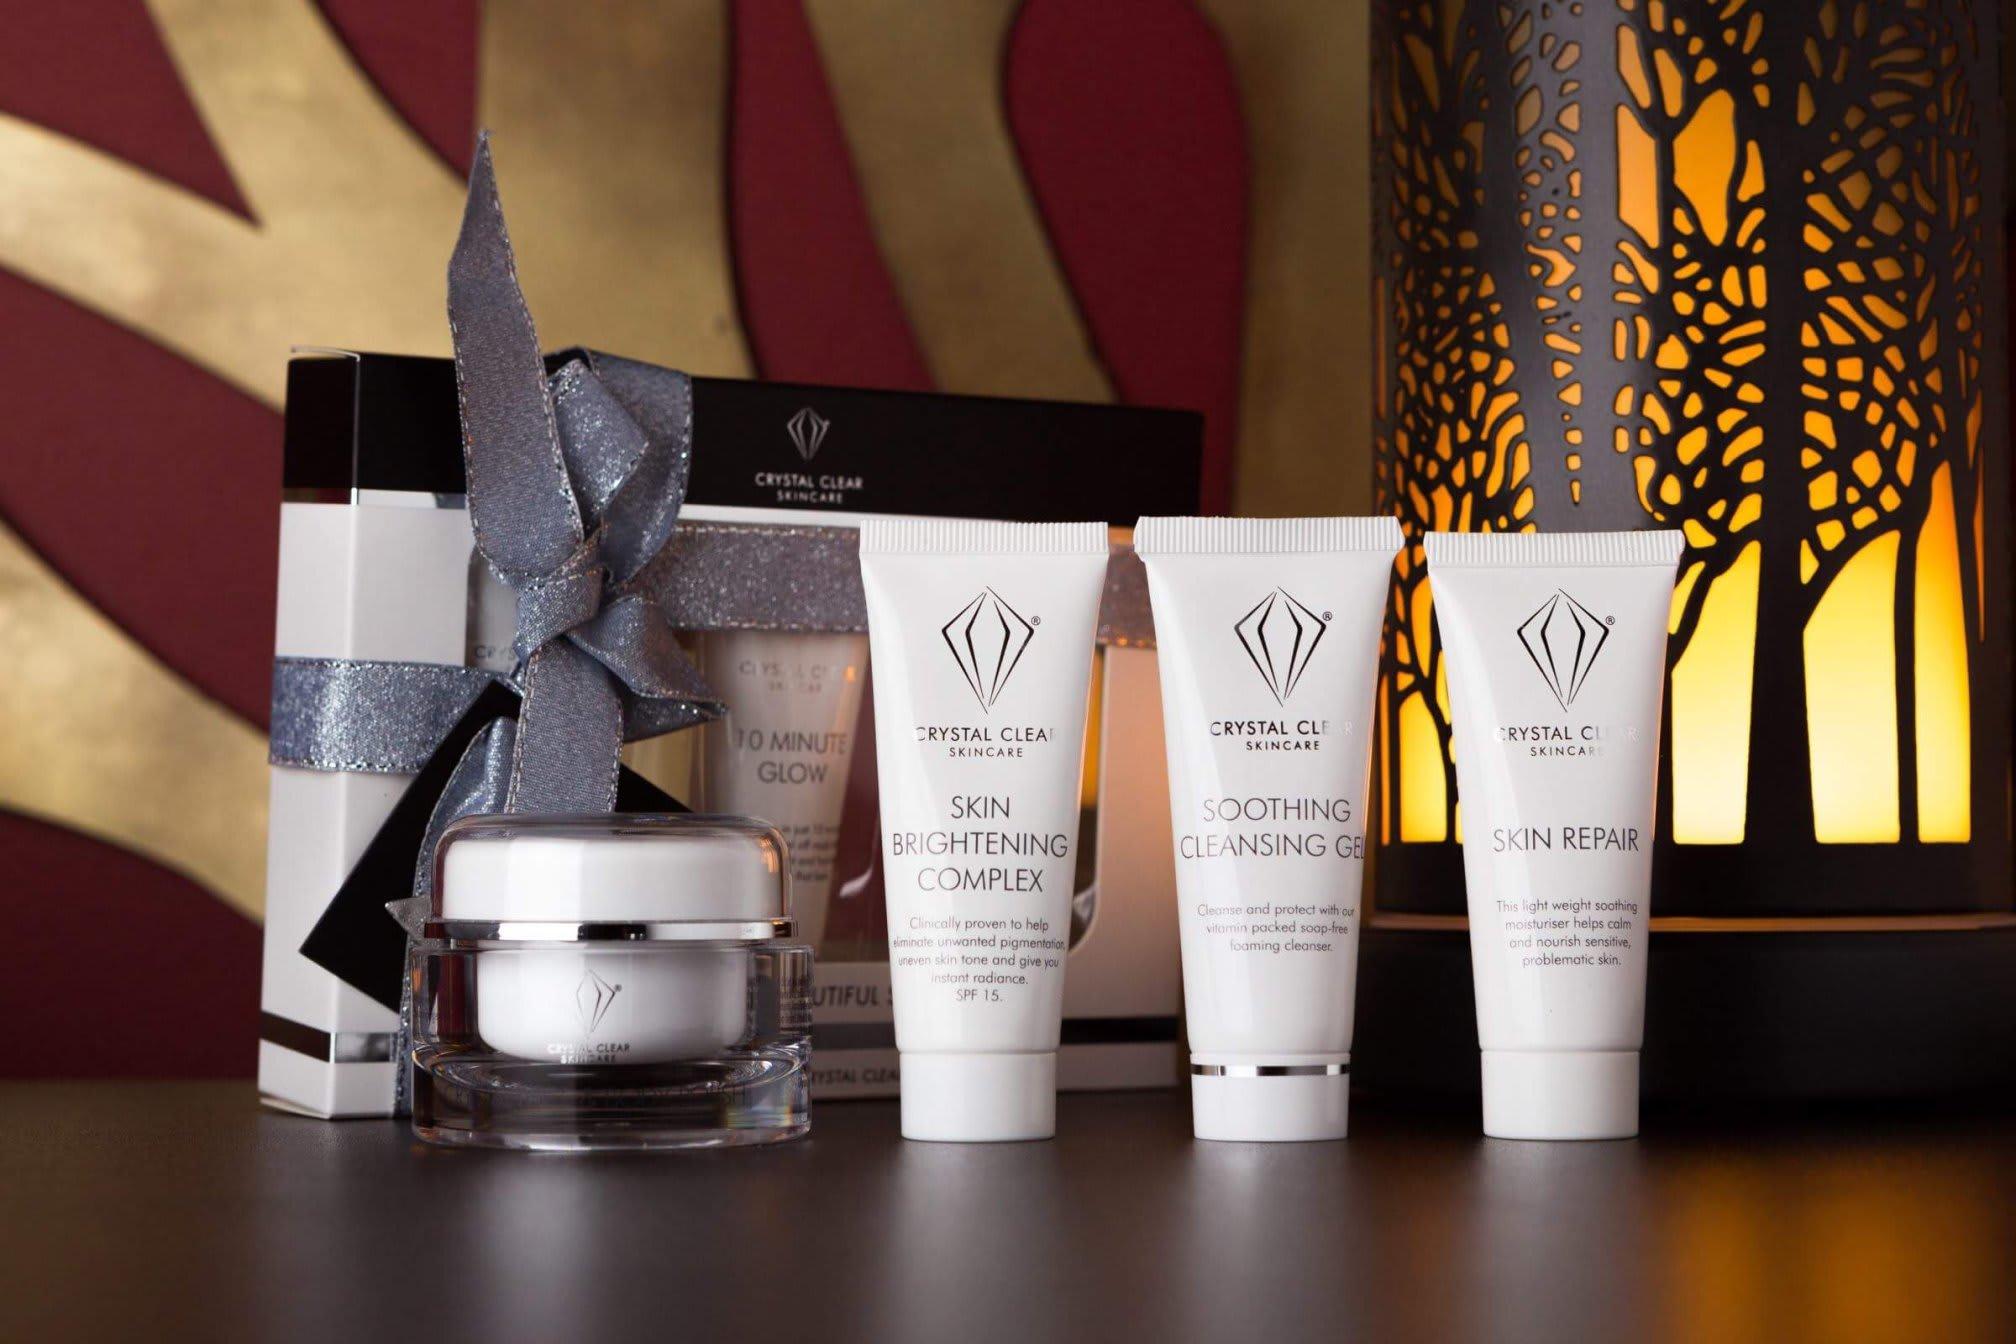 Timeless Spa & Beauty Ltd